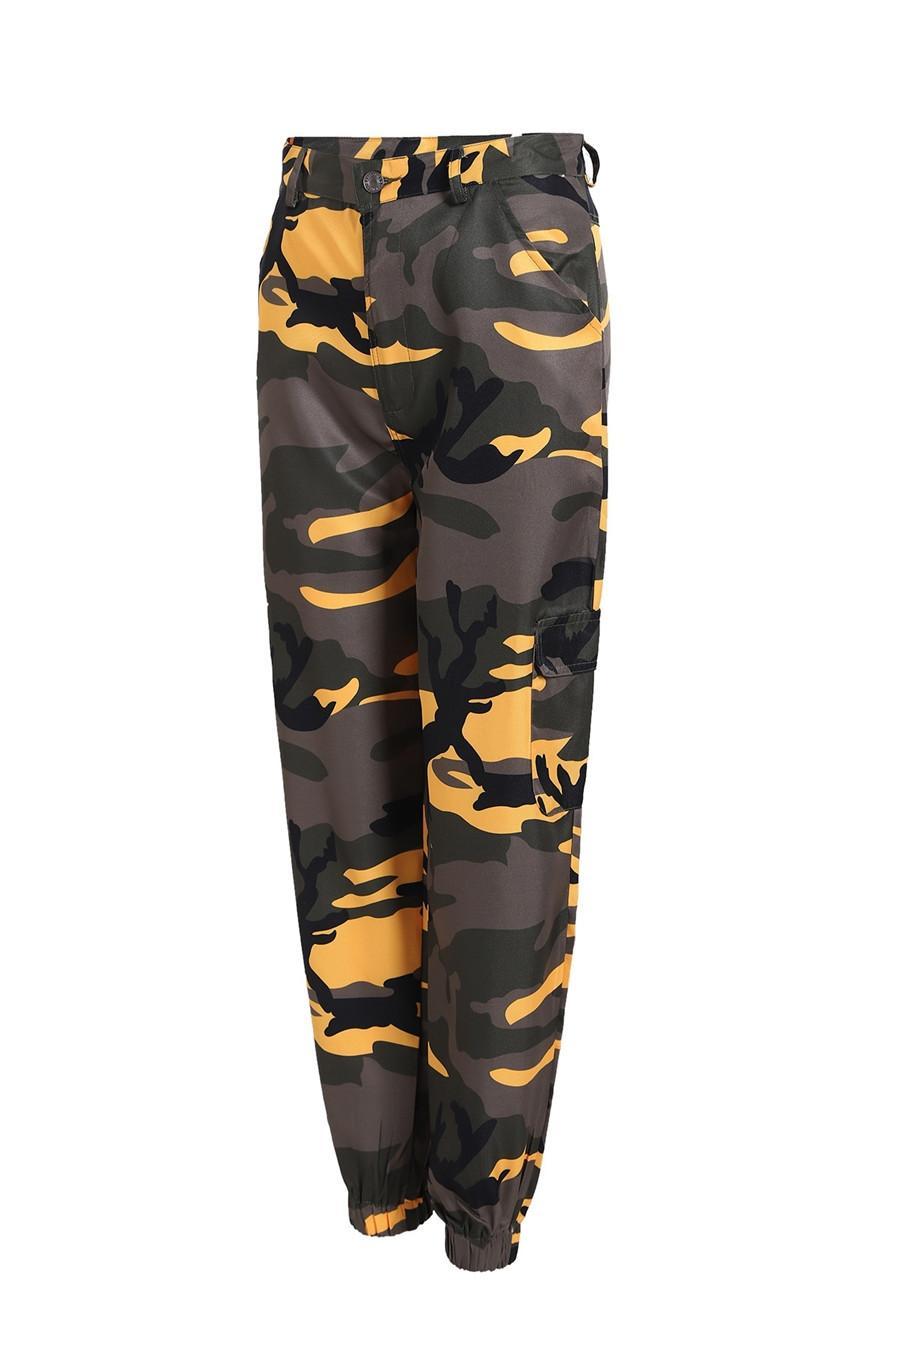 Vêtements pour hommes Trois 3D extensible Impression numérique Dimensional Washed Hommes Jeans Hommes jEUNESSE Tight Pants Tide Fashion # 483